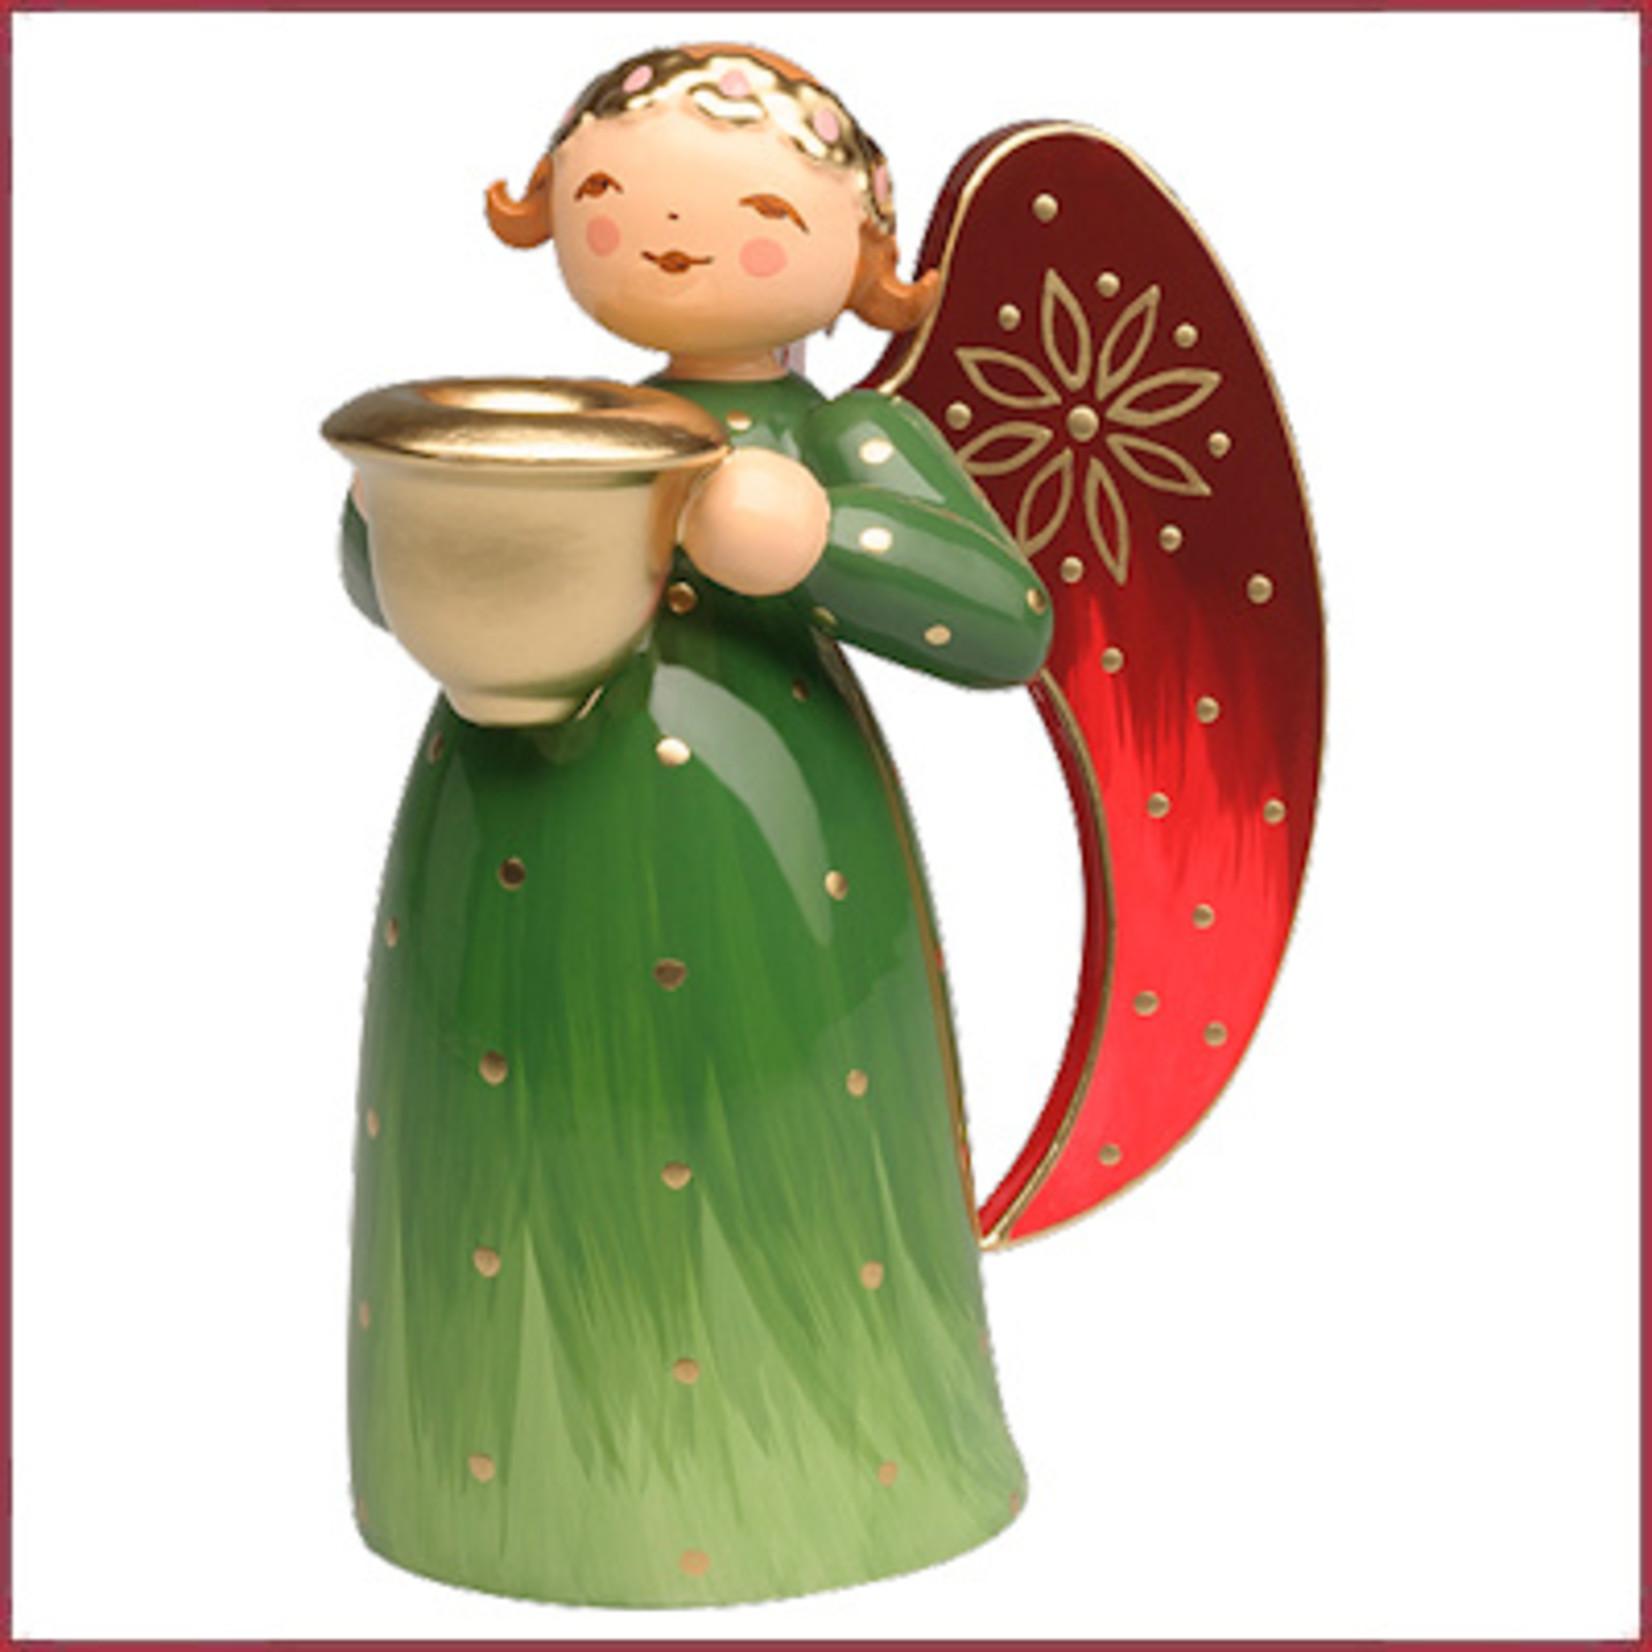 Wendt & Kühn Rijk beschilderde Engel met kaarsenhouder - Groen klein